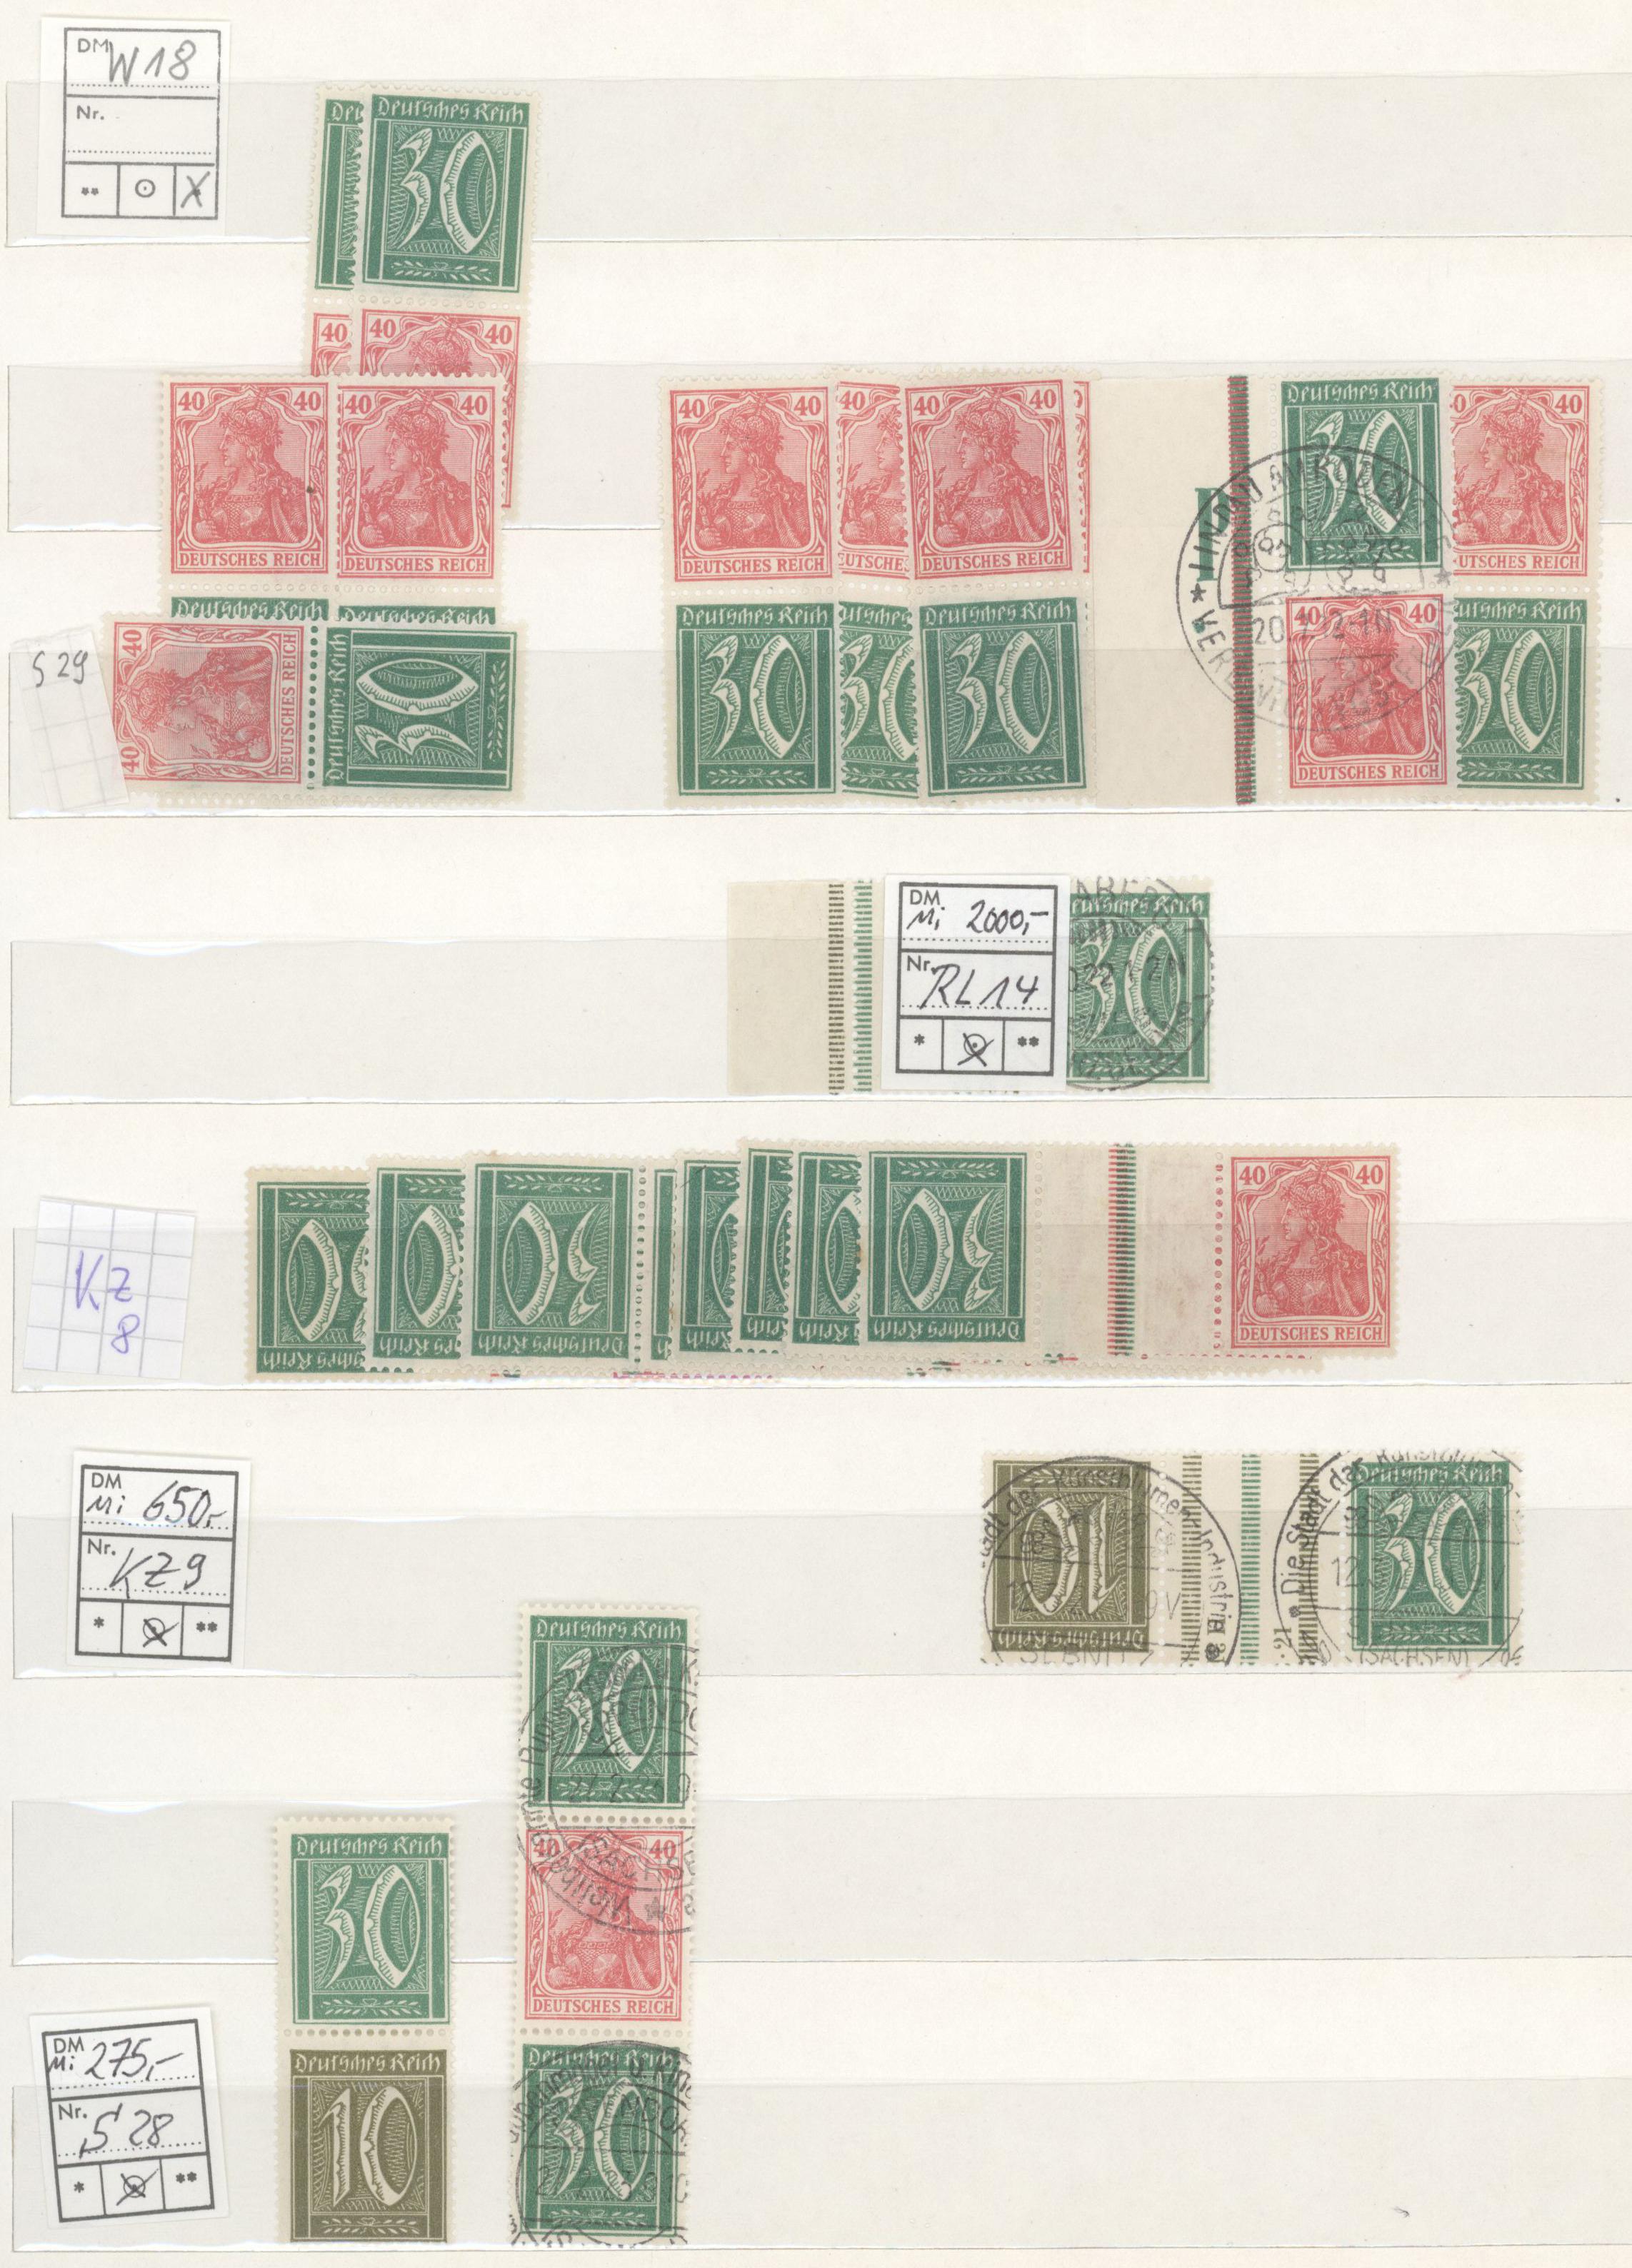 Lot 31691 - Deutsches Reich - Zusammendrucke  -  Auktionshaus Christoph Gärtner GmbH & Co. KG Auction #40 Collections Germany, Wunderkartons